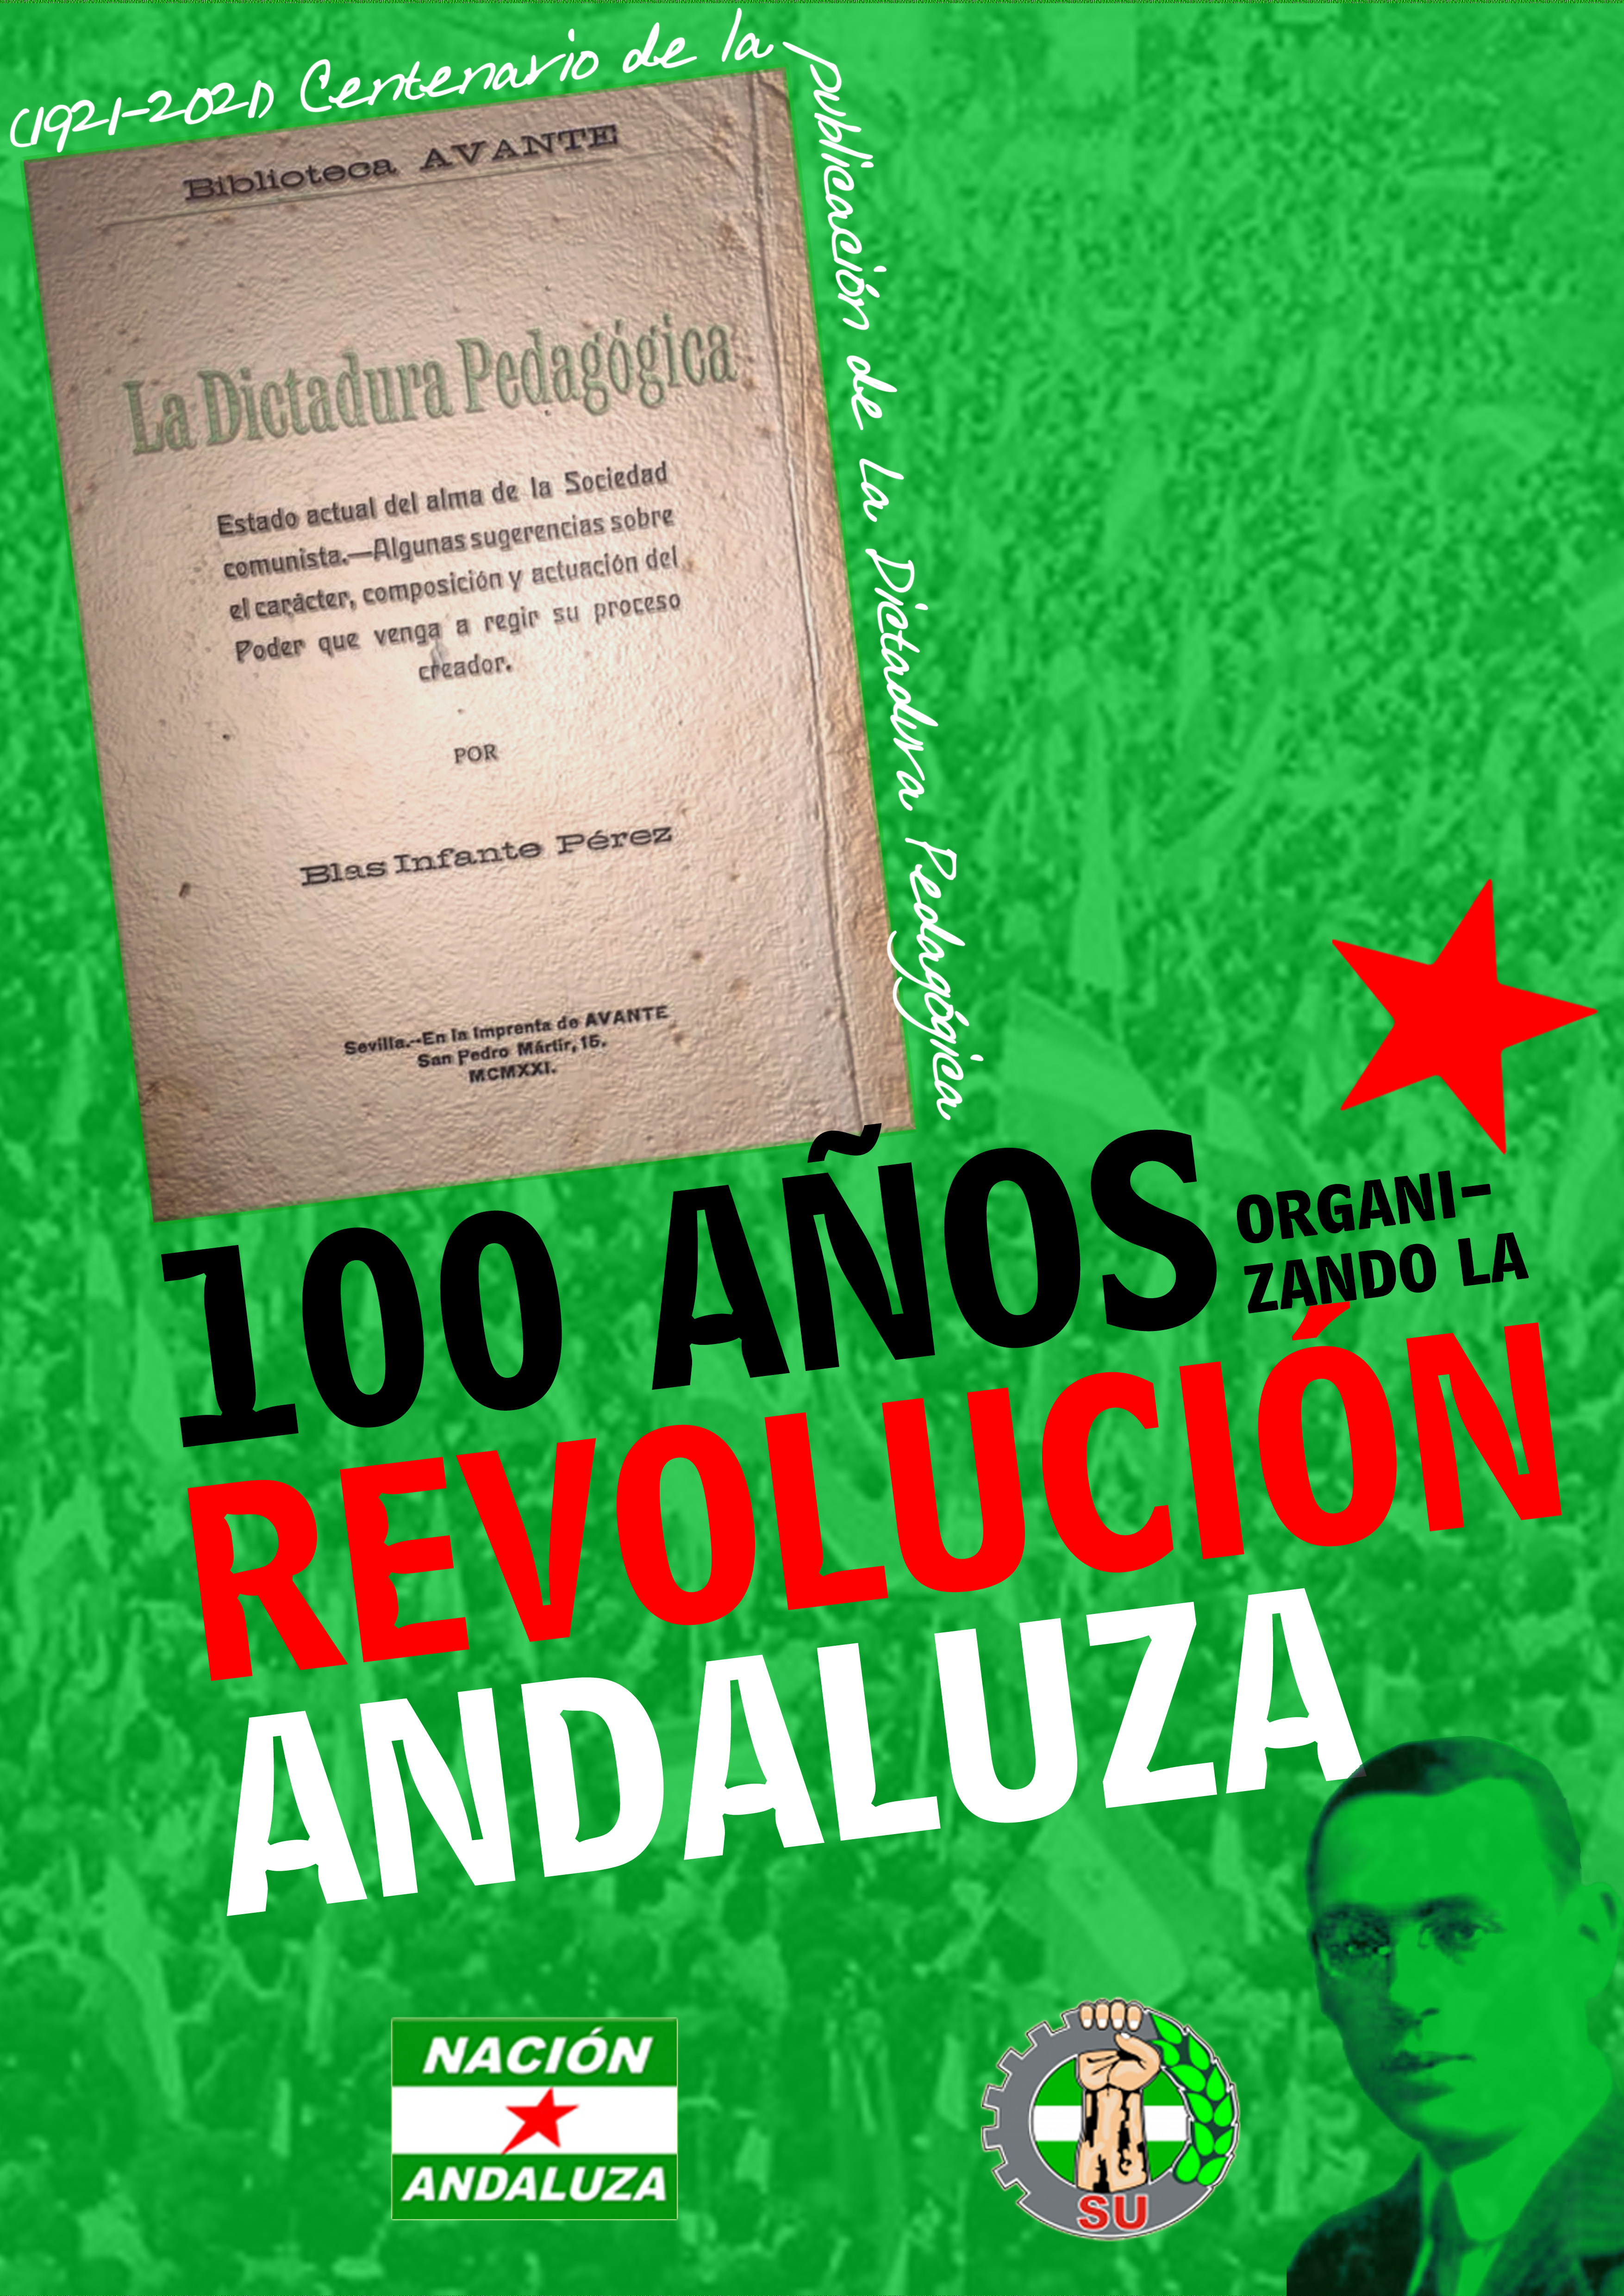 Comunicado conjunto del Sindicato Unitario de Andalucía y Nación Andaluza ante el centenario de la publicación de La Dictadura Pedagógica de Blas Infante ¡100 años organizando la Revolución Andaluza!